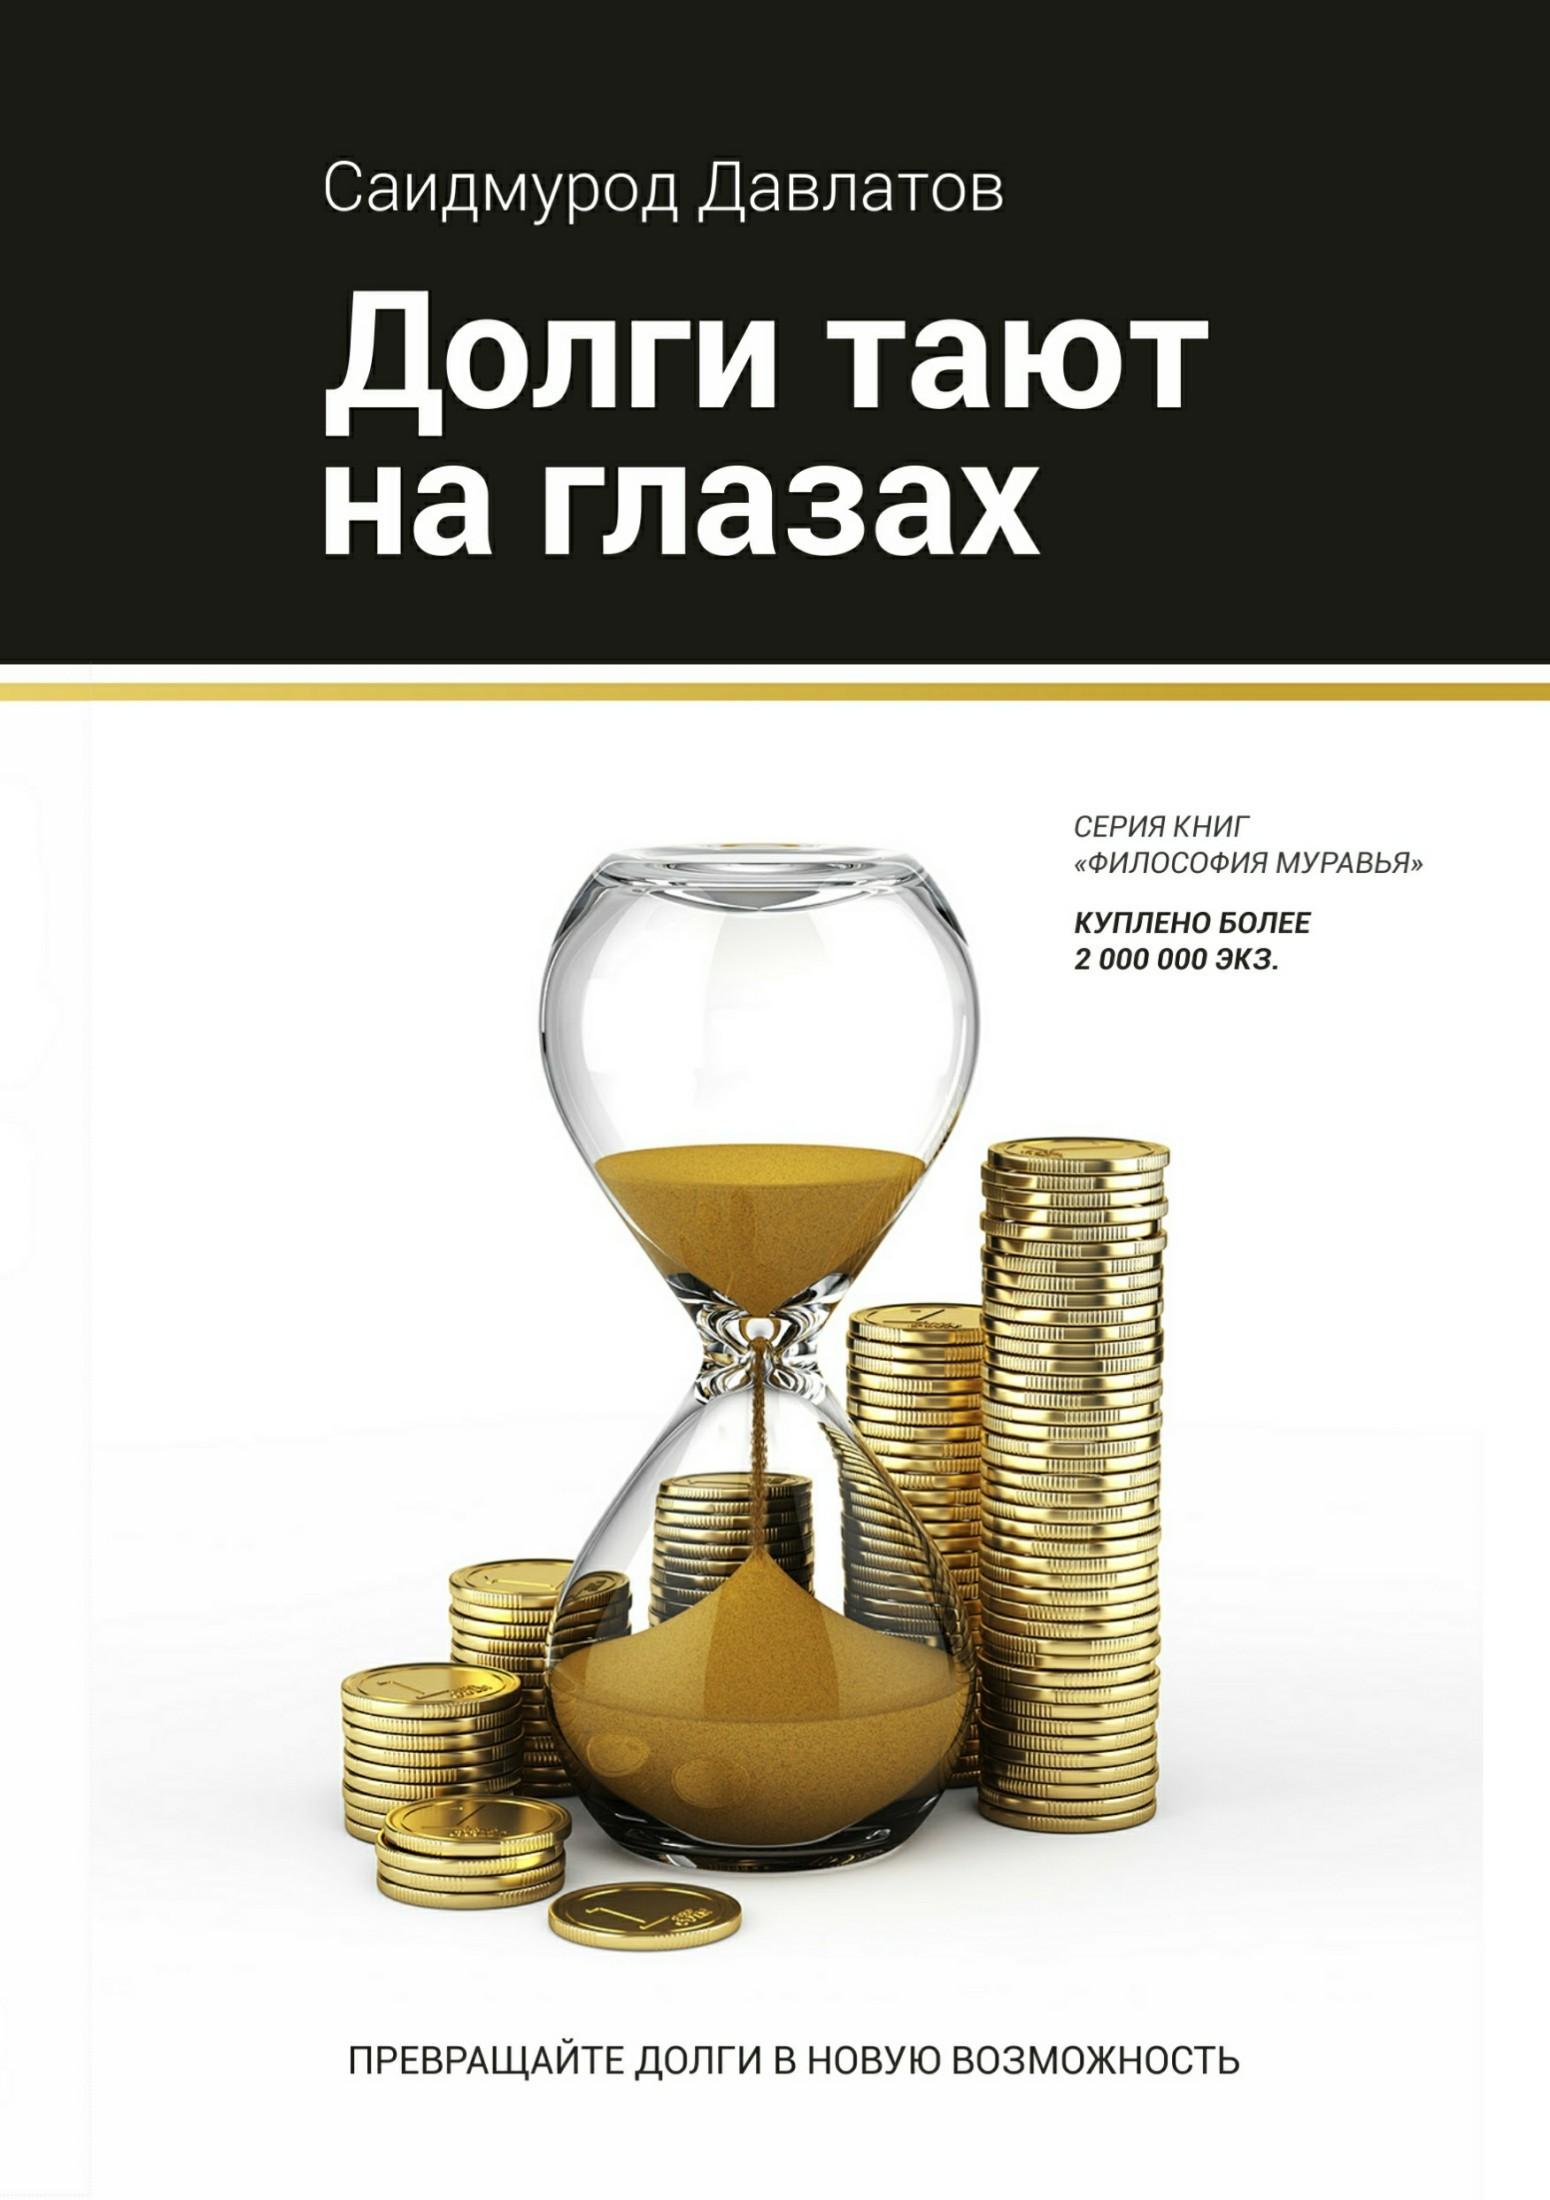 Обложка книги. Автор - Саидмурод Давлатов